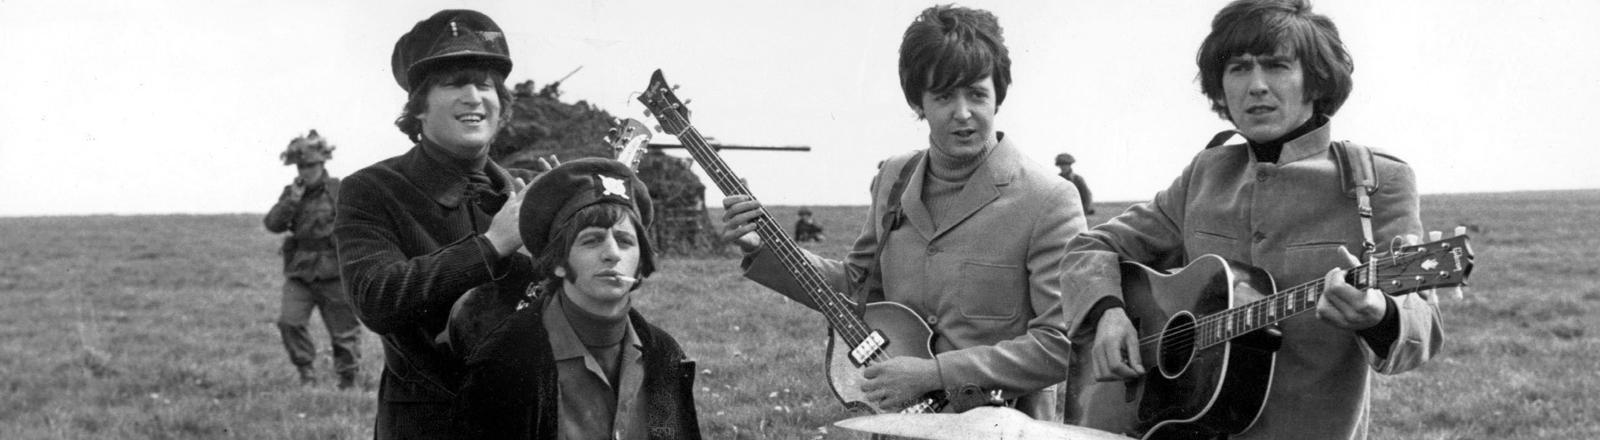 """Die britische Popgruppe """"The Beatles"""", (von links nach rechts) John Lennon, Ringo Starr, Paul McCartney und George Harrison (undatierte Aufnahme)."""